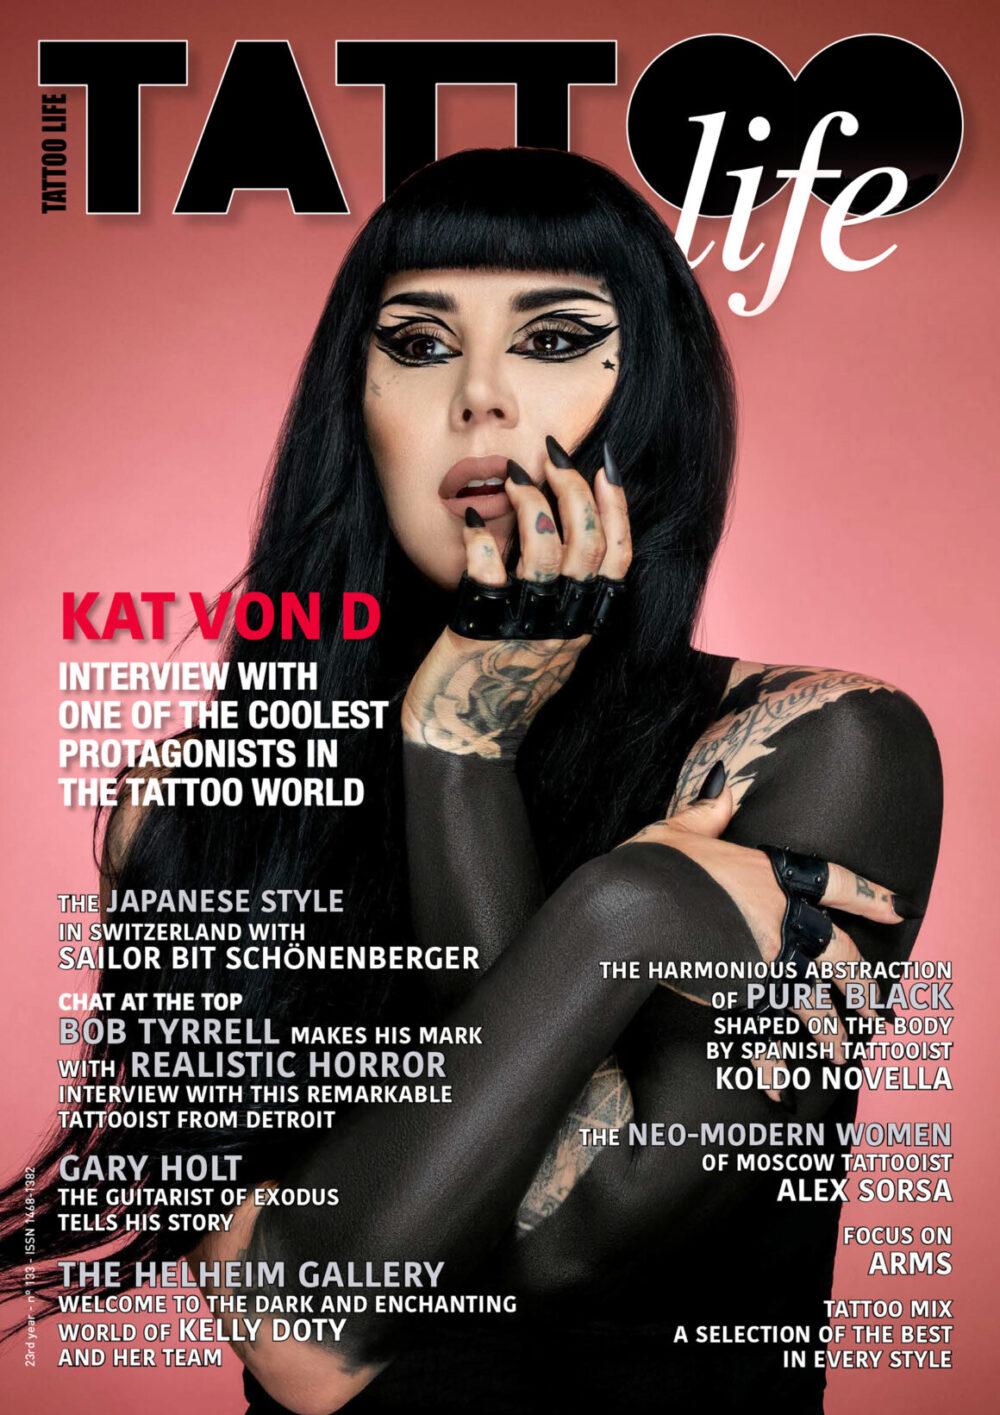 Tattoo Life November/December 2021